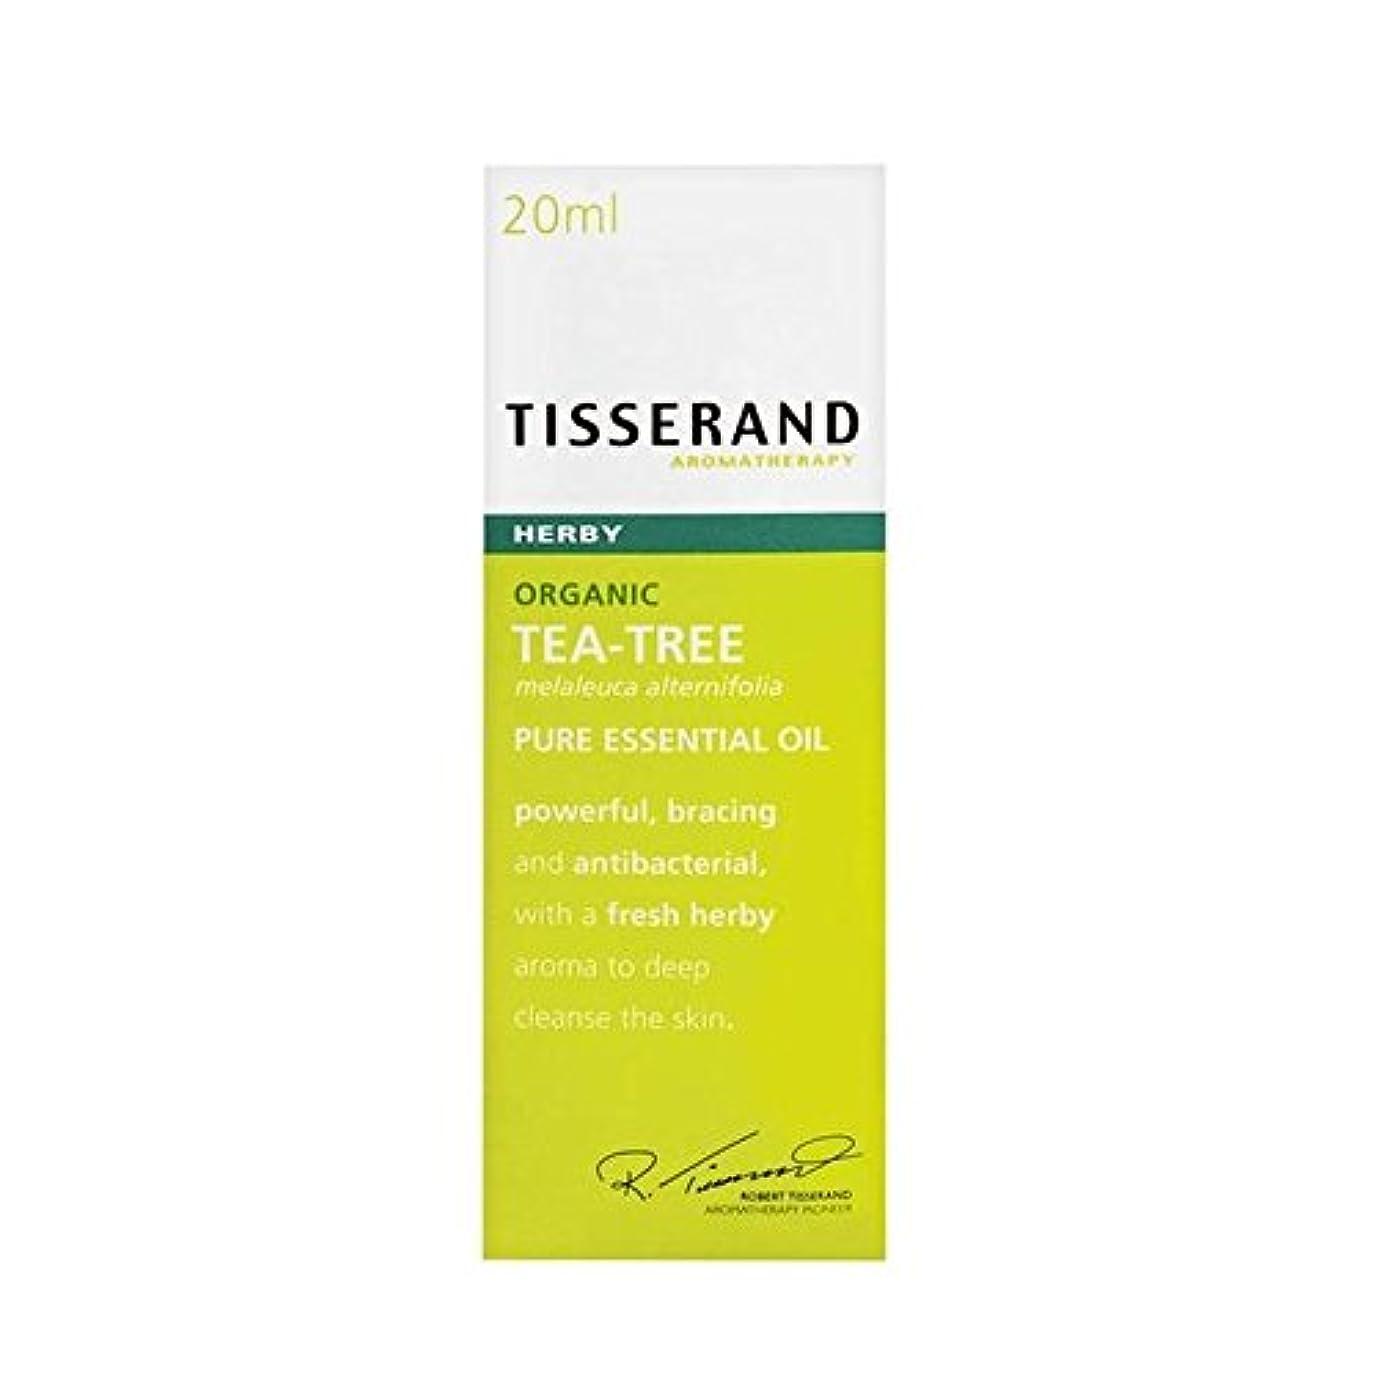 ティスランドティーツリーオーガニックピュアエッセンシャルオイル20ミリリットル x4 - Tisserand Tea Tree Organic Pure Essential Oil 20ml (Pack of 4) [並行輸入品]